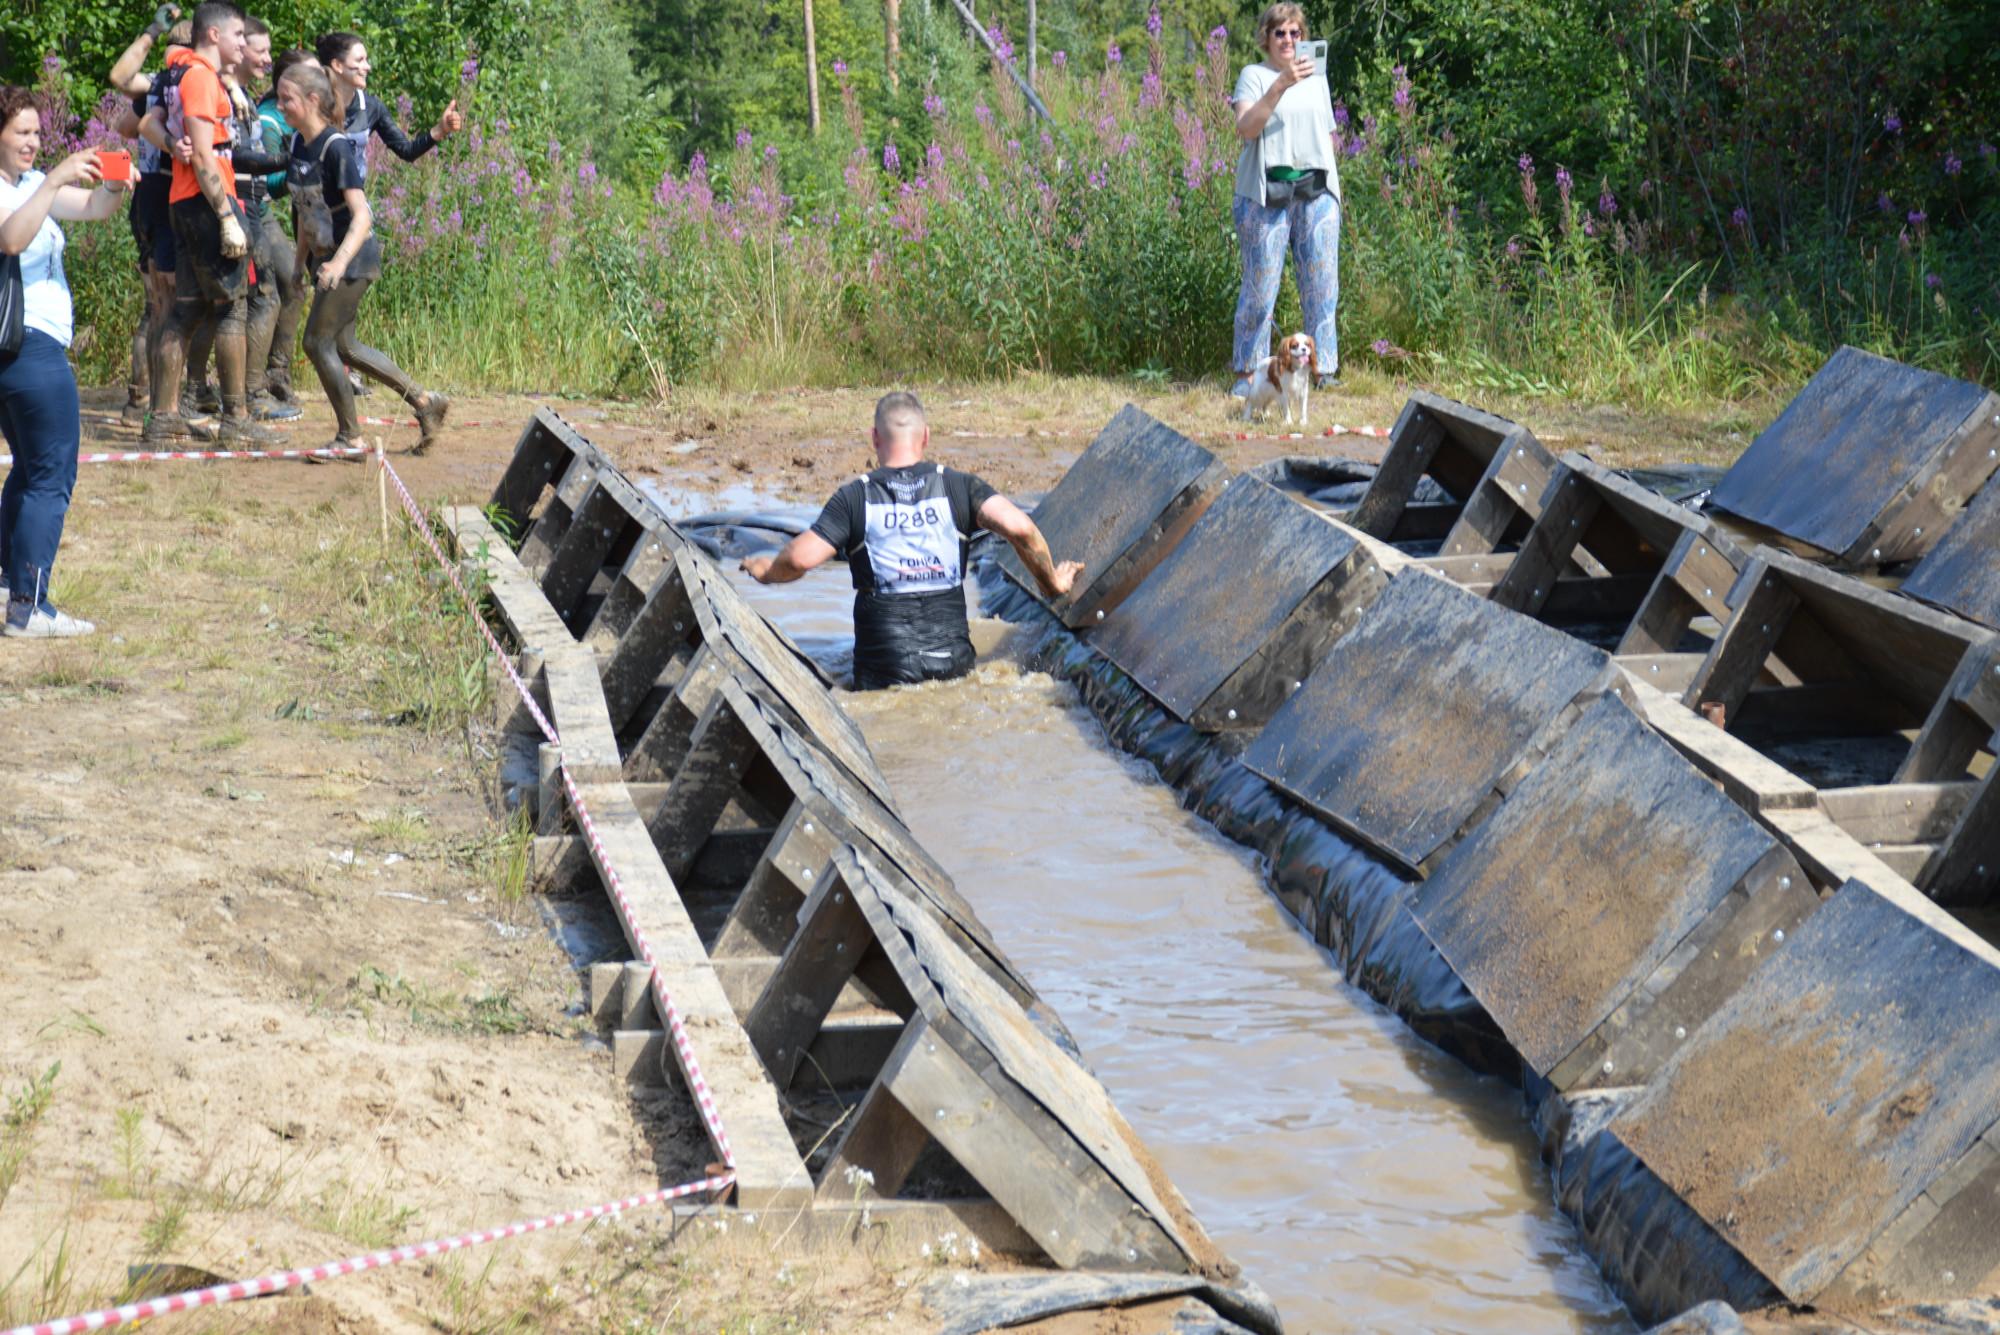 Гонка героев спорт лёгкая атлетика бег грязь полоса препятствий